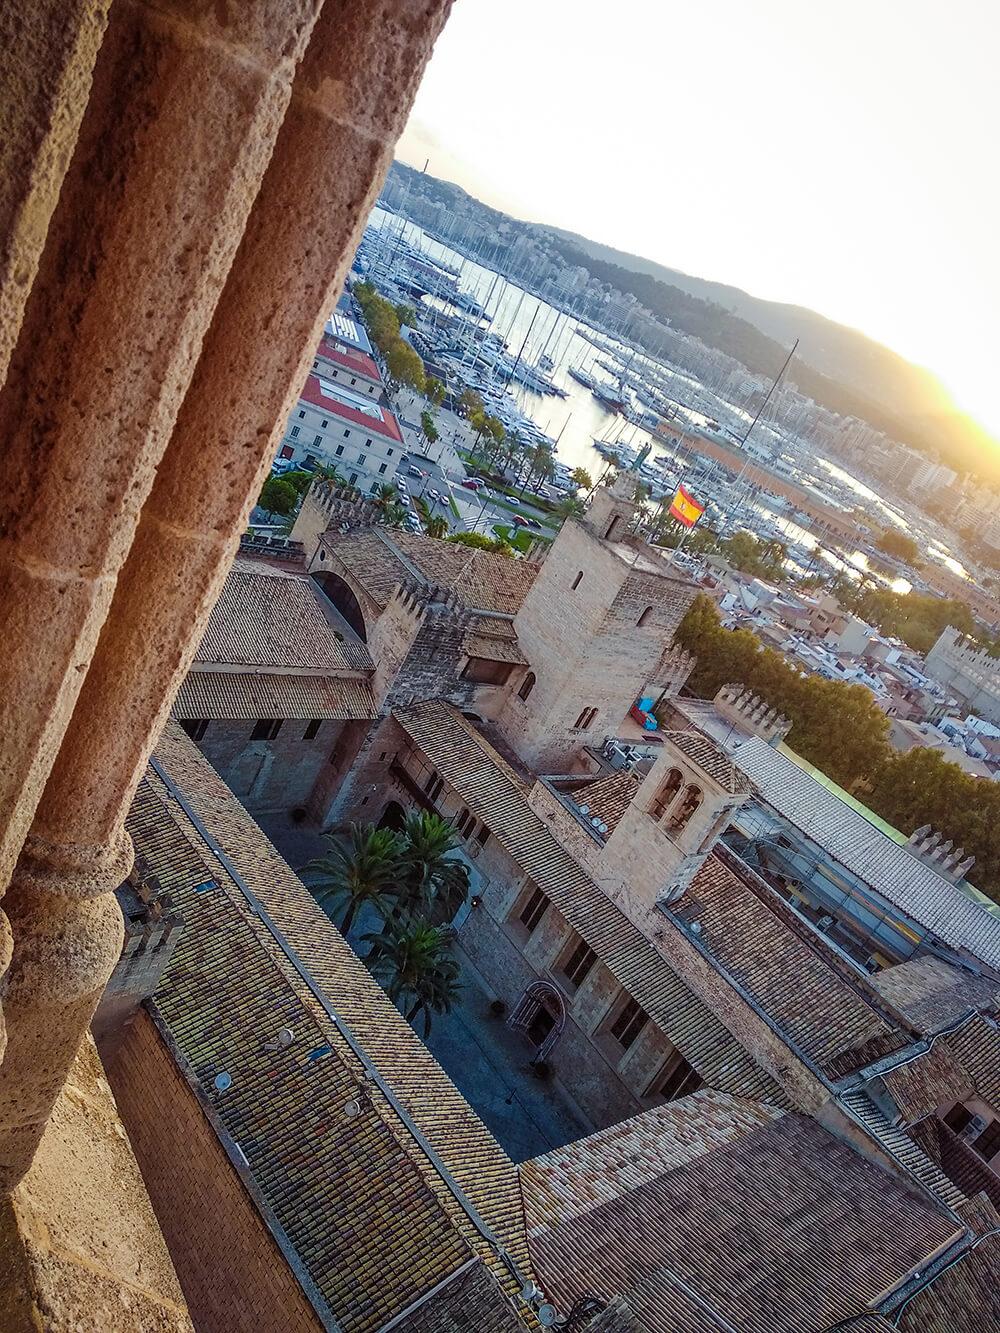 Palma-de-Mallorca-Kathedrale-La-Seu-Dach-30